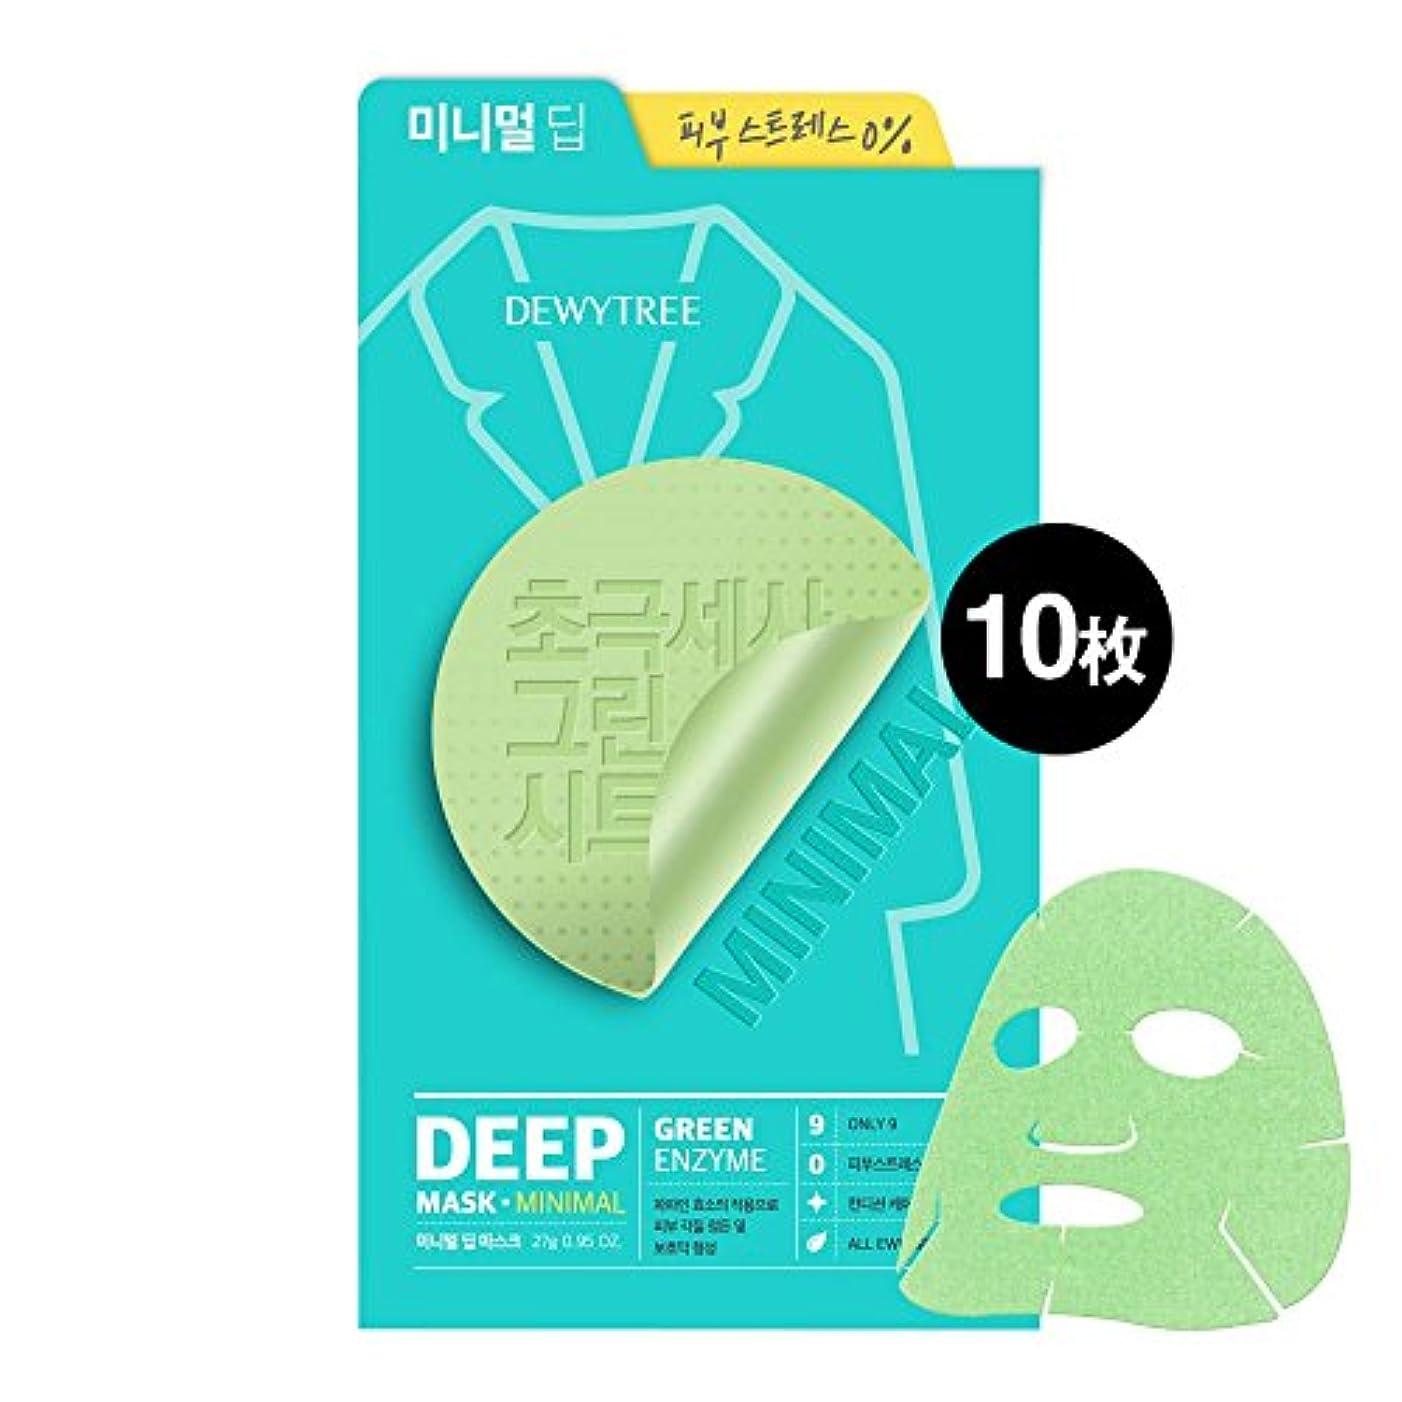 ピストン優雅なクレーター(デューイトゥリー) DEWYTREE ミニマルディープマスク 10枚 Minimal Deep Mask 韓国マスクパック (並行輸入品)